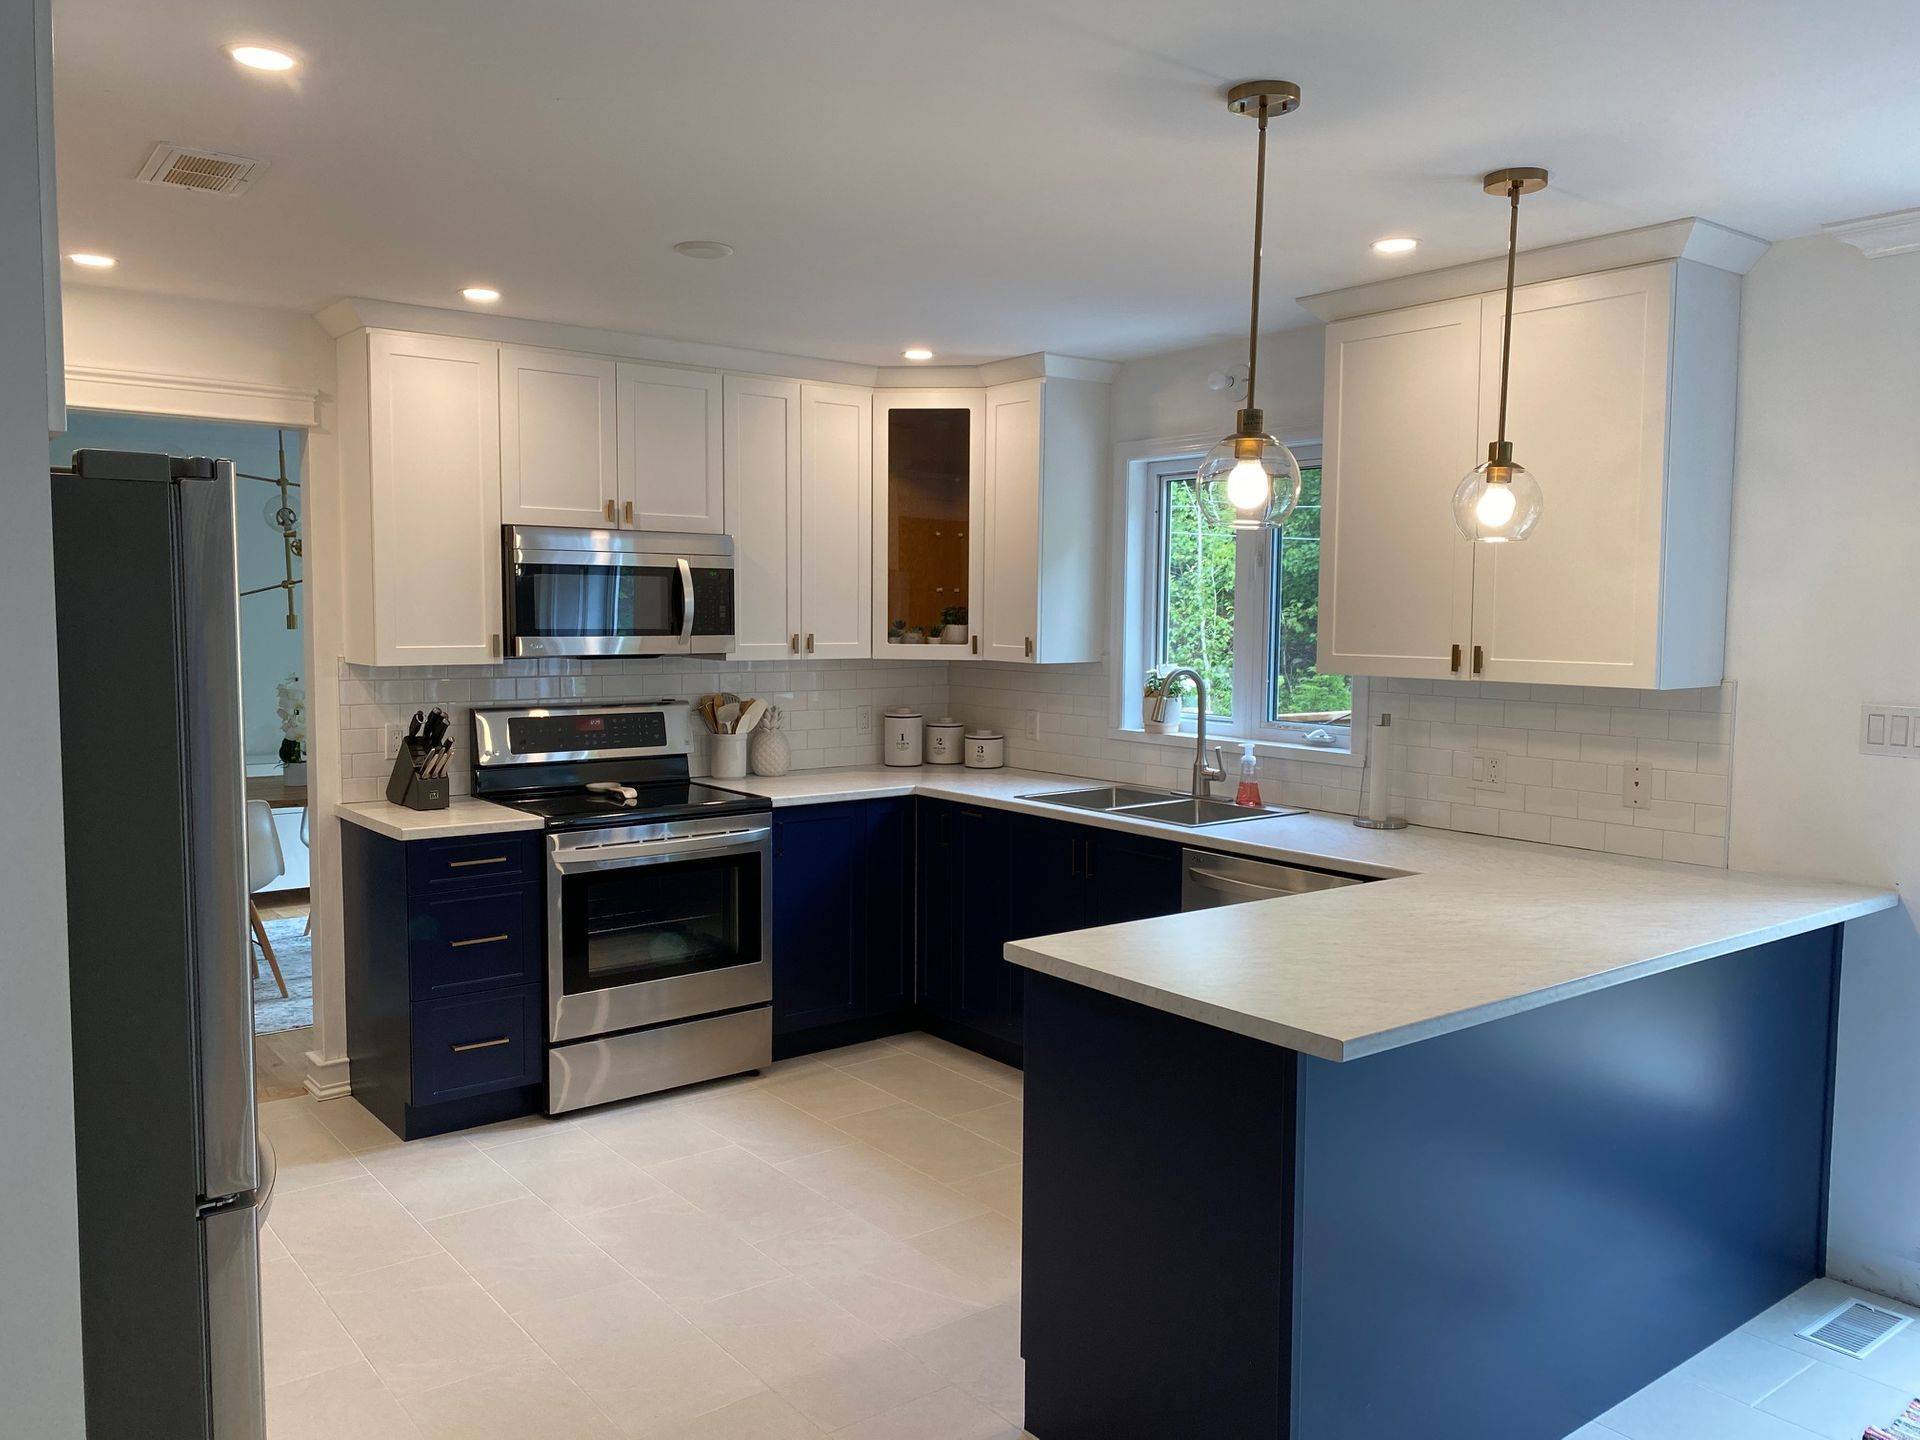 Professional Cabinet Refacing and Door Replacement Edmonton